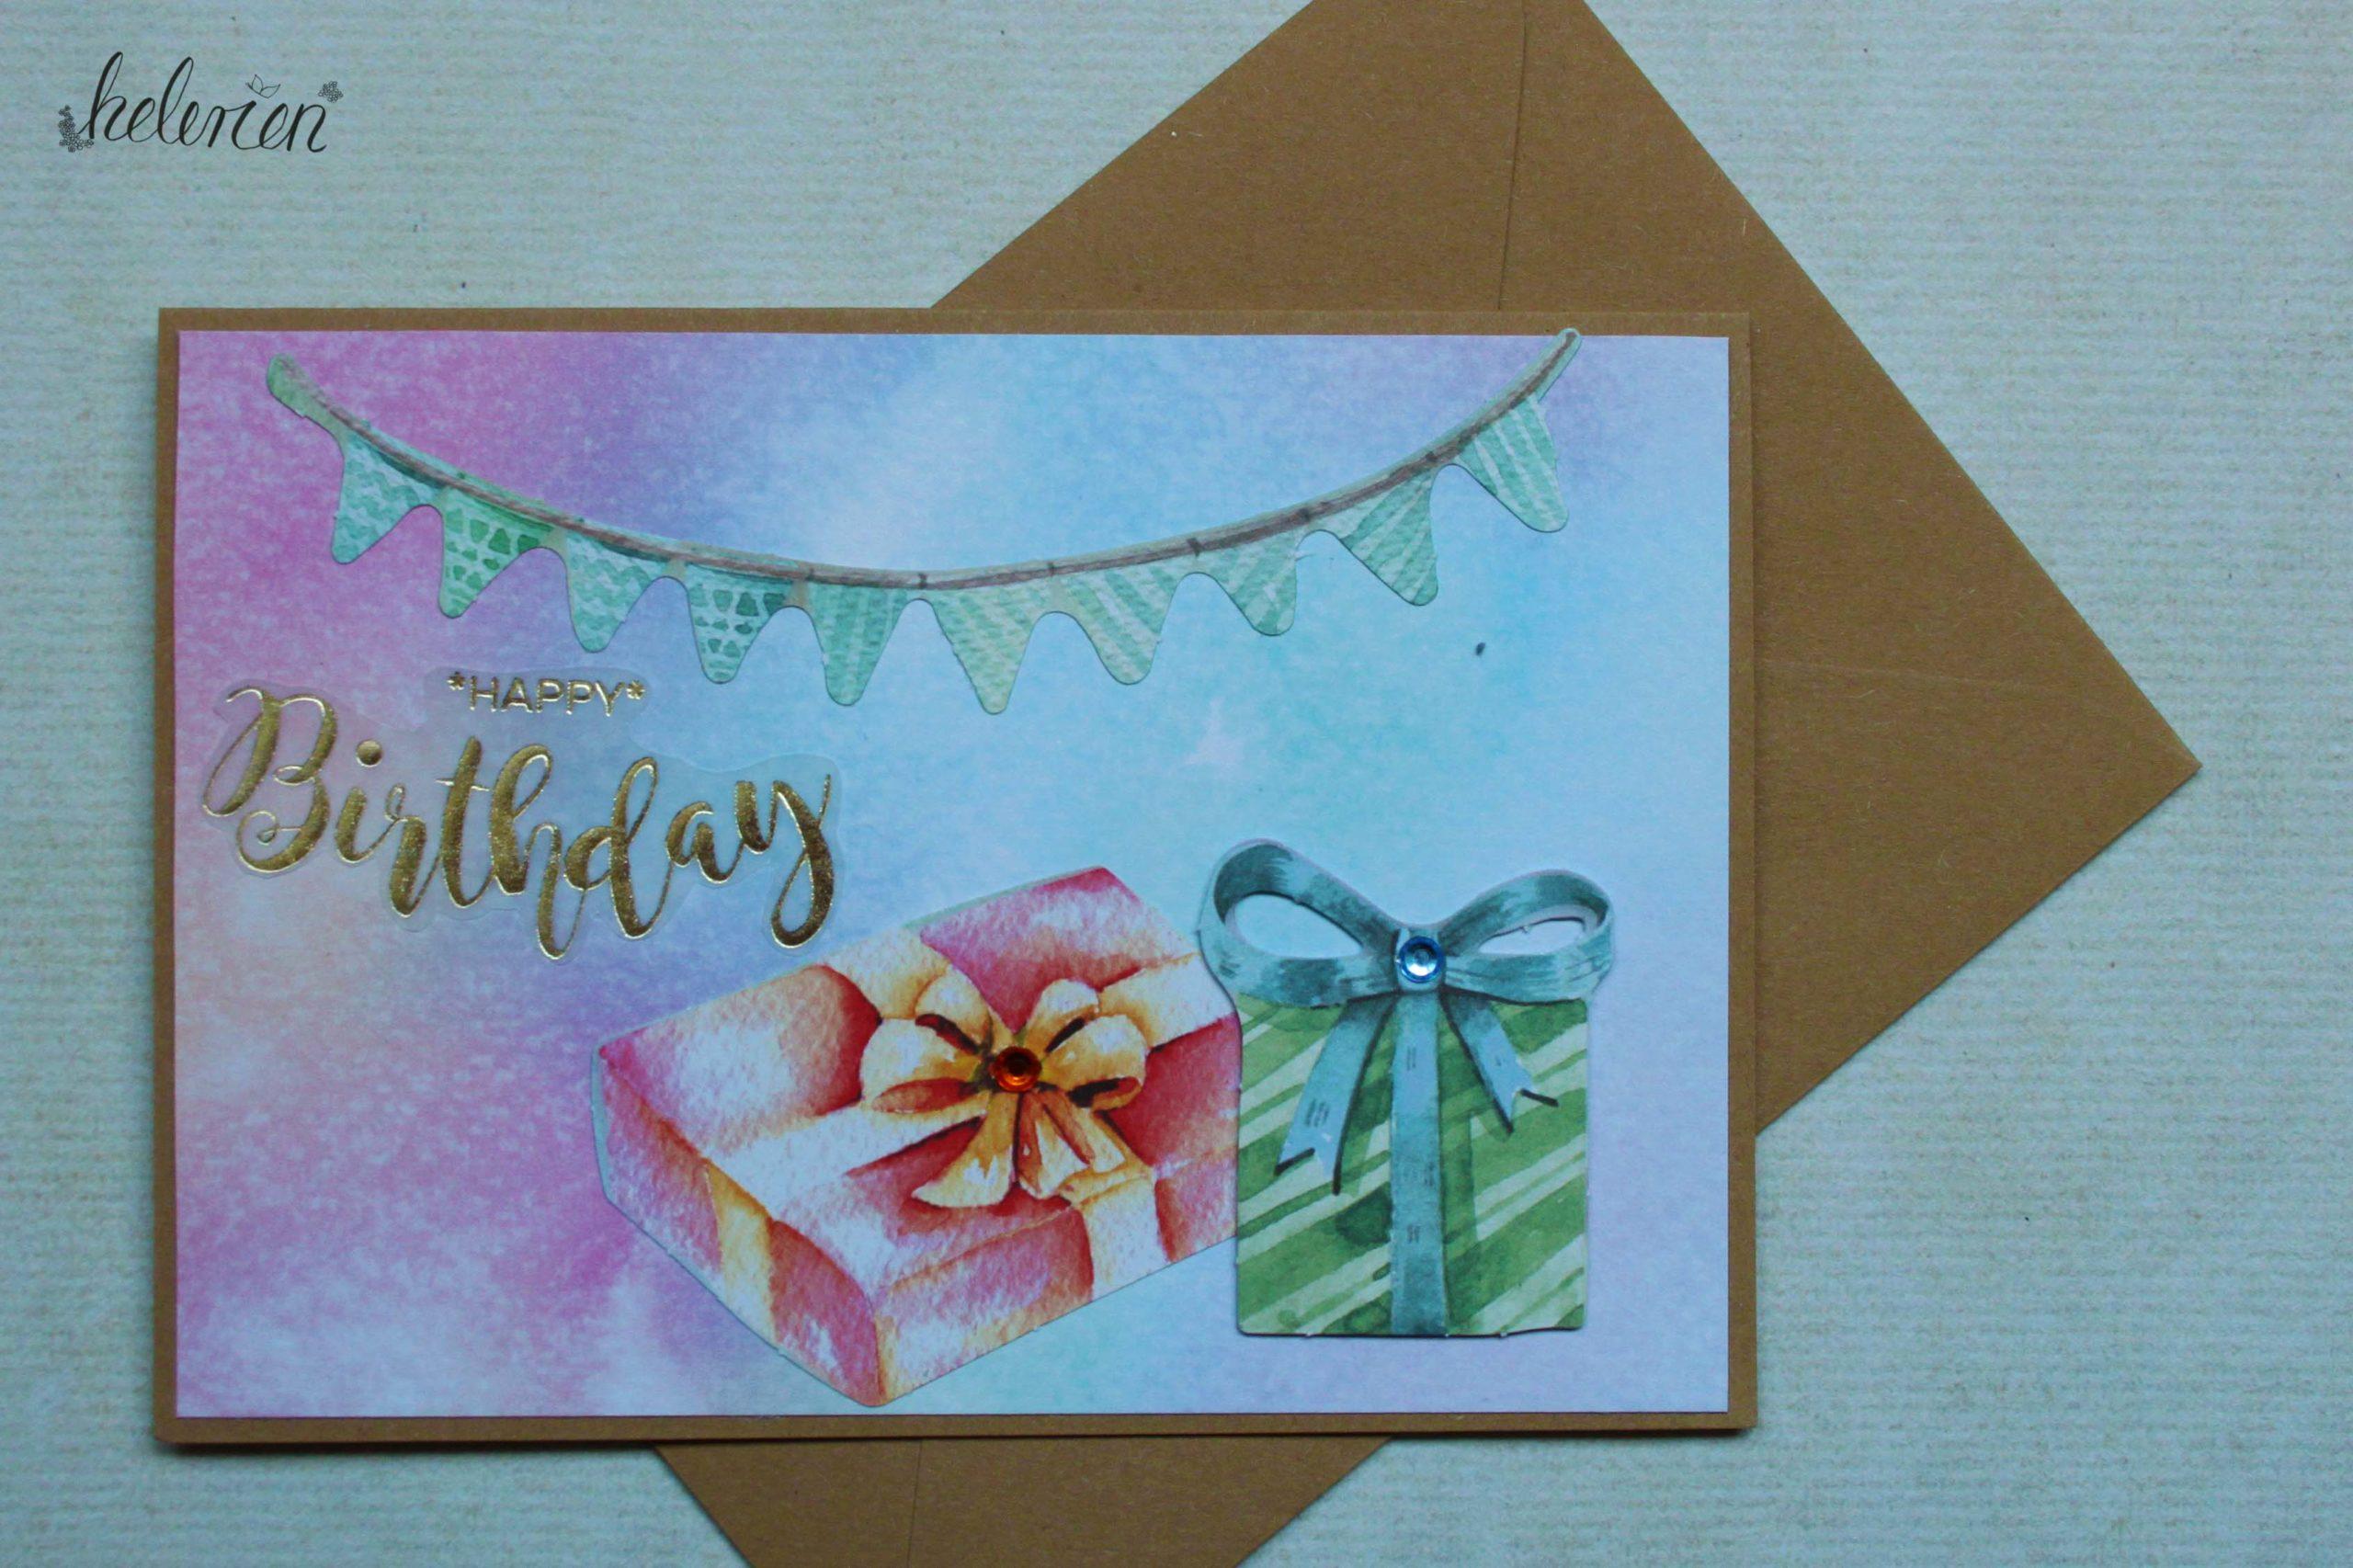 Karte mit Wasserfarbenhintergrund einer Wimpelkette oben und zwei Geschenken in der unteren rechten Ecke. ein goldener Happy Birthday Schriftzug i der linken Hälfte